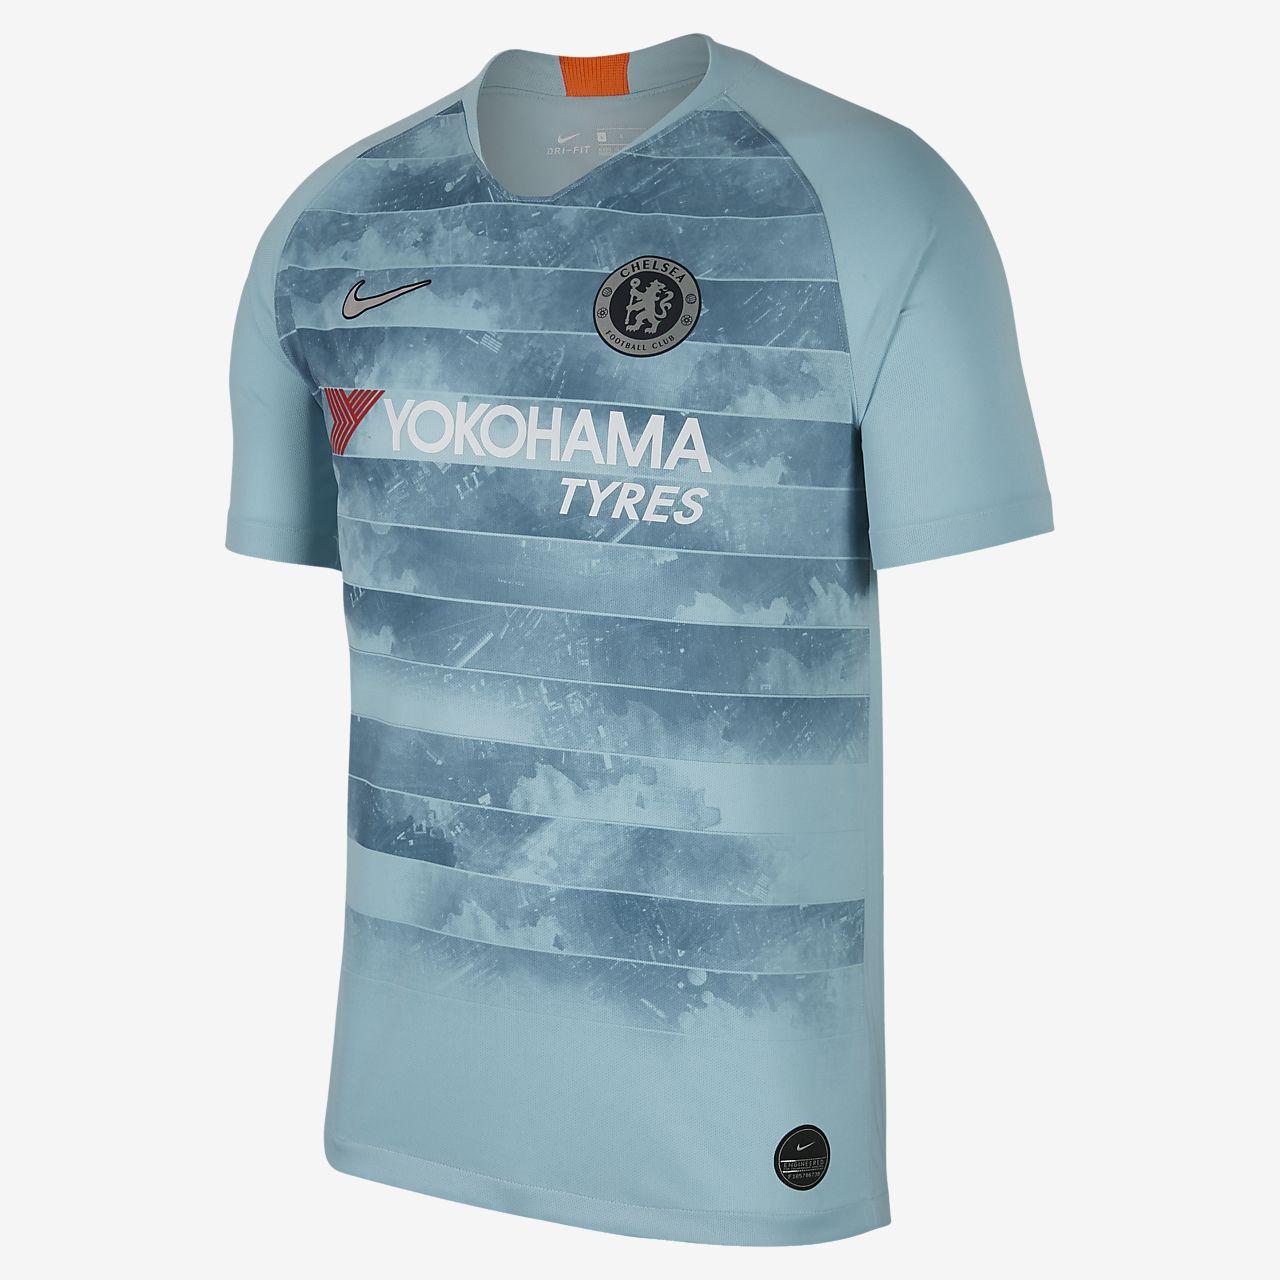 เสื้อแข่งฟุตบอล Connected ผู้ชาย Chelsea FC Stadium Third ฤดูกาล 2018/19